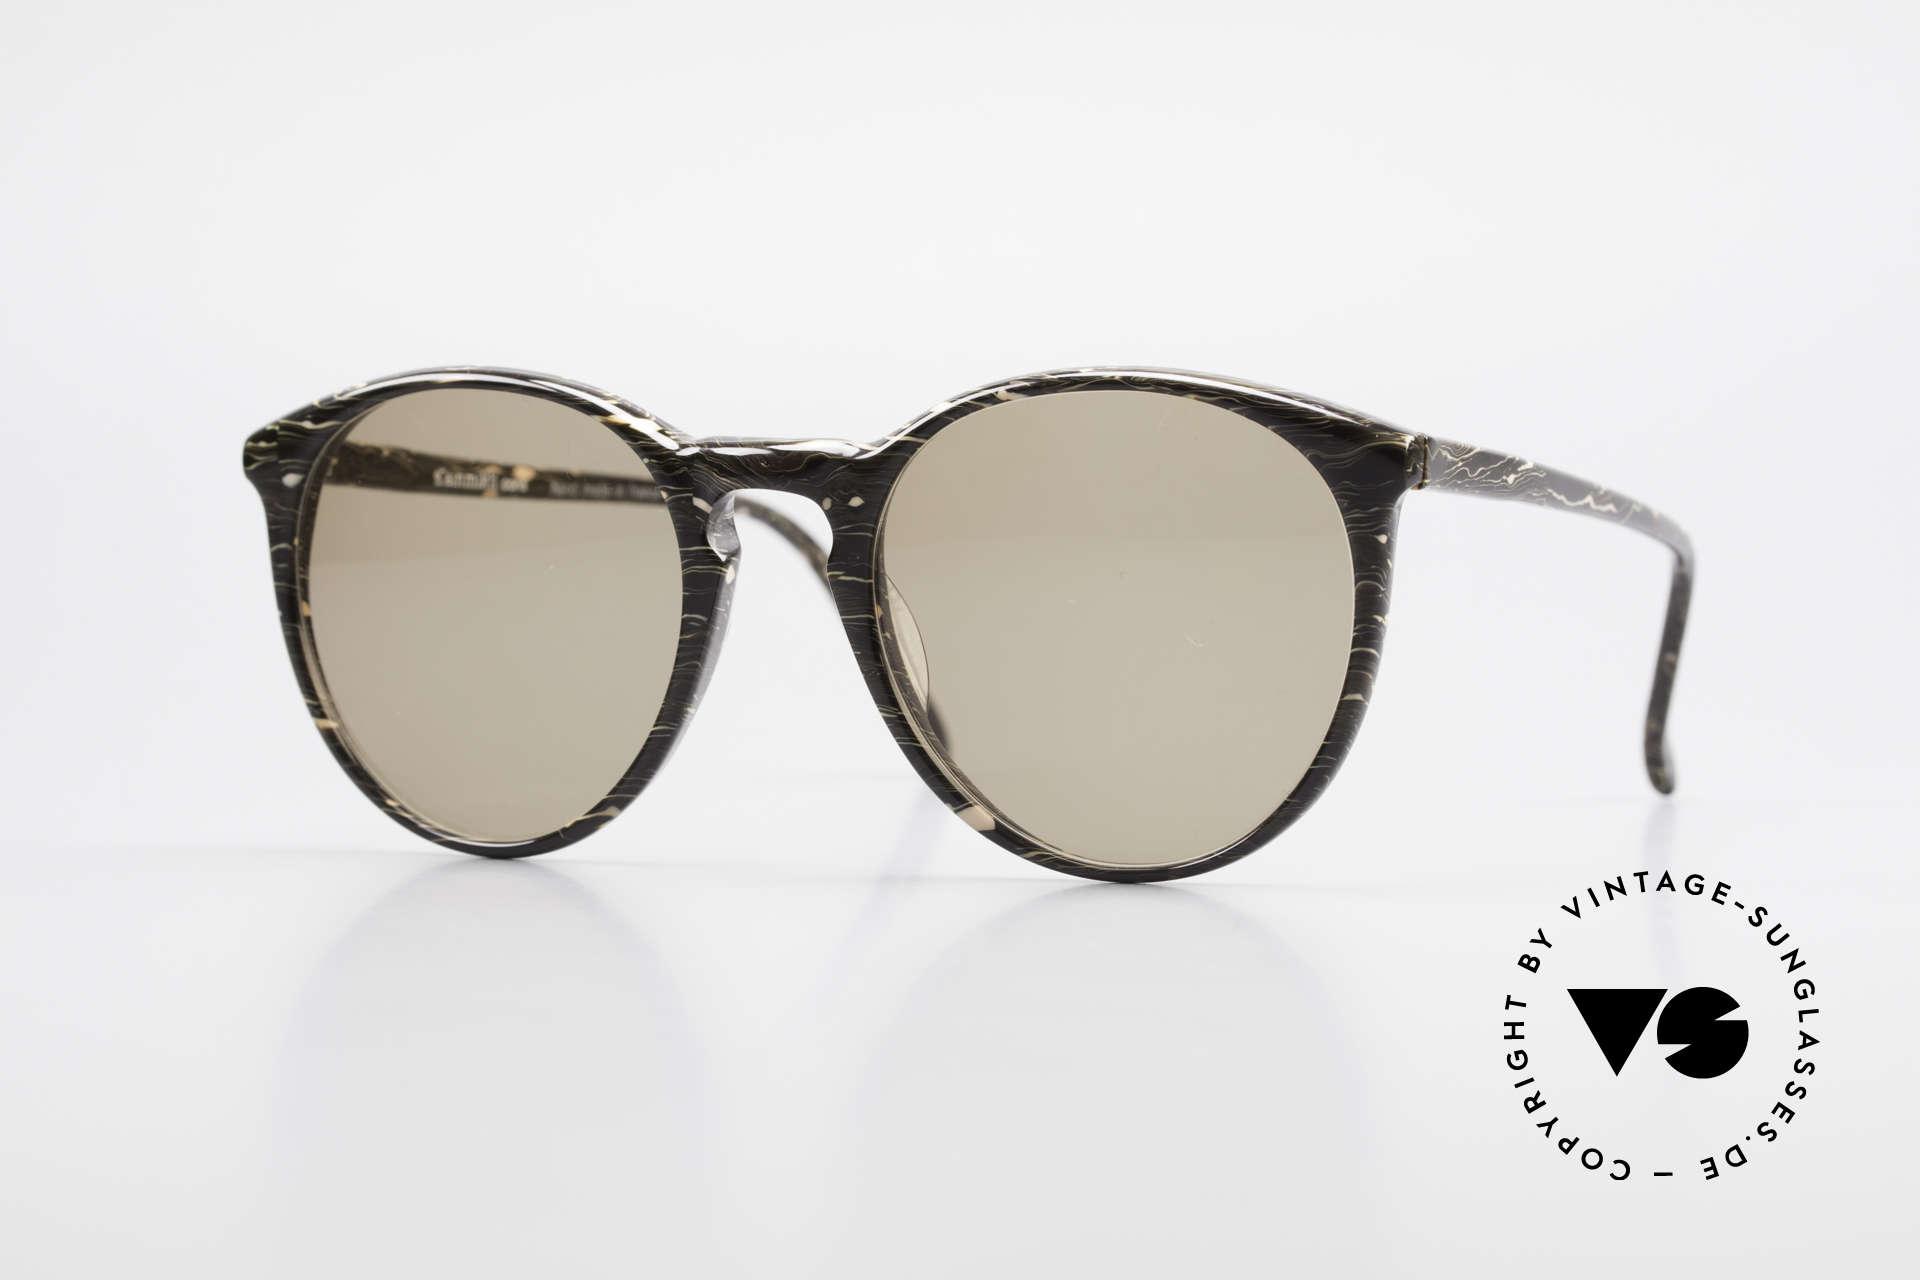 Alain Mikli 901 / 429 Brown Marbled Panto Shades, elegant VINTAGE Alain Mikli designer sunglasses, Made for Men and Women